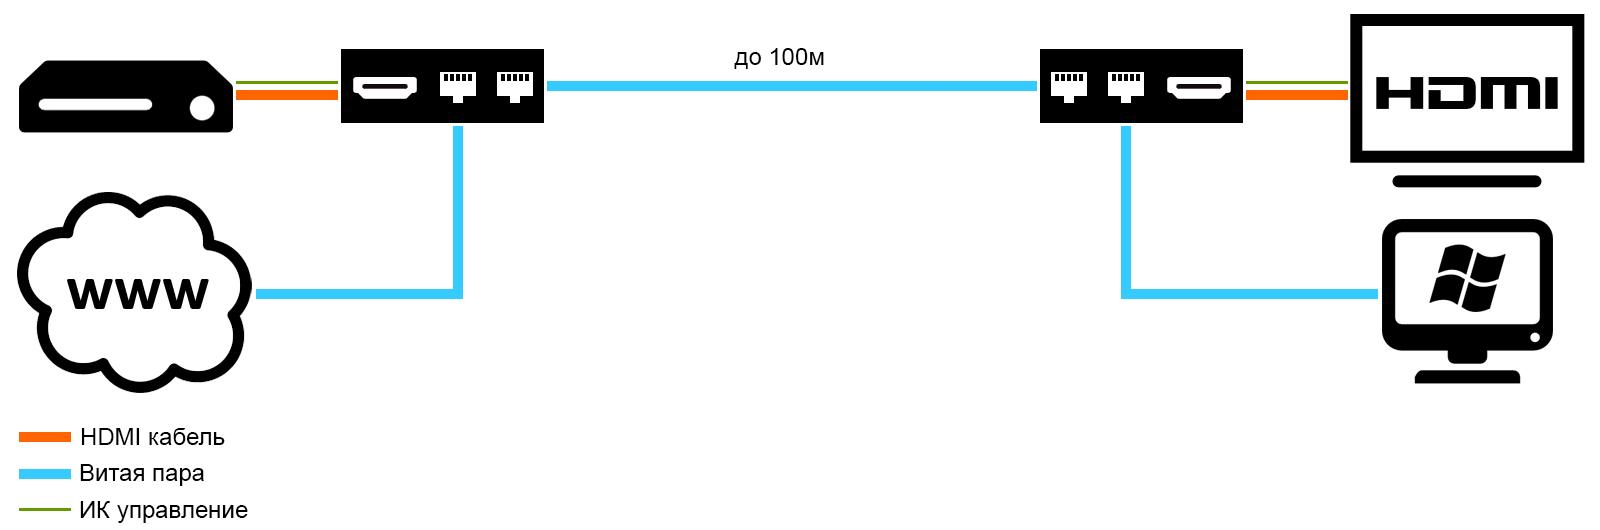 Передать HDMI по HdBaseT